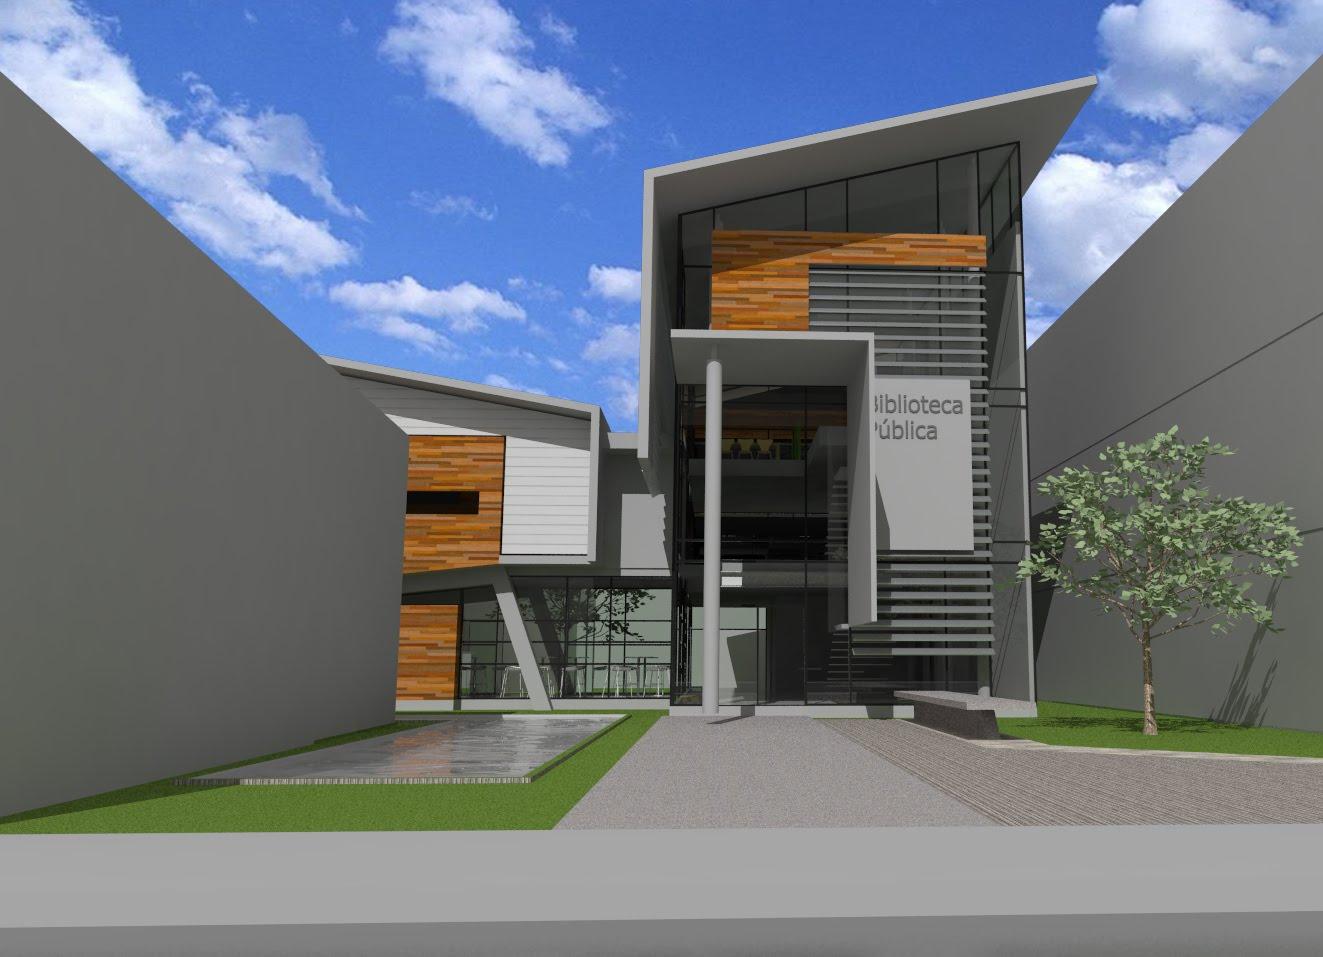 Arquitectura carlos vega taller de arquitectura tropical for Universidades para arquitectura